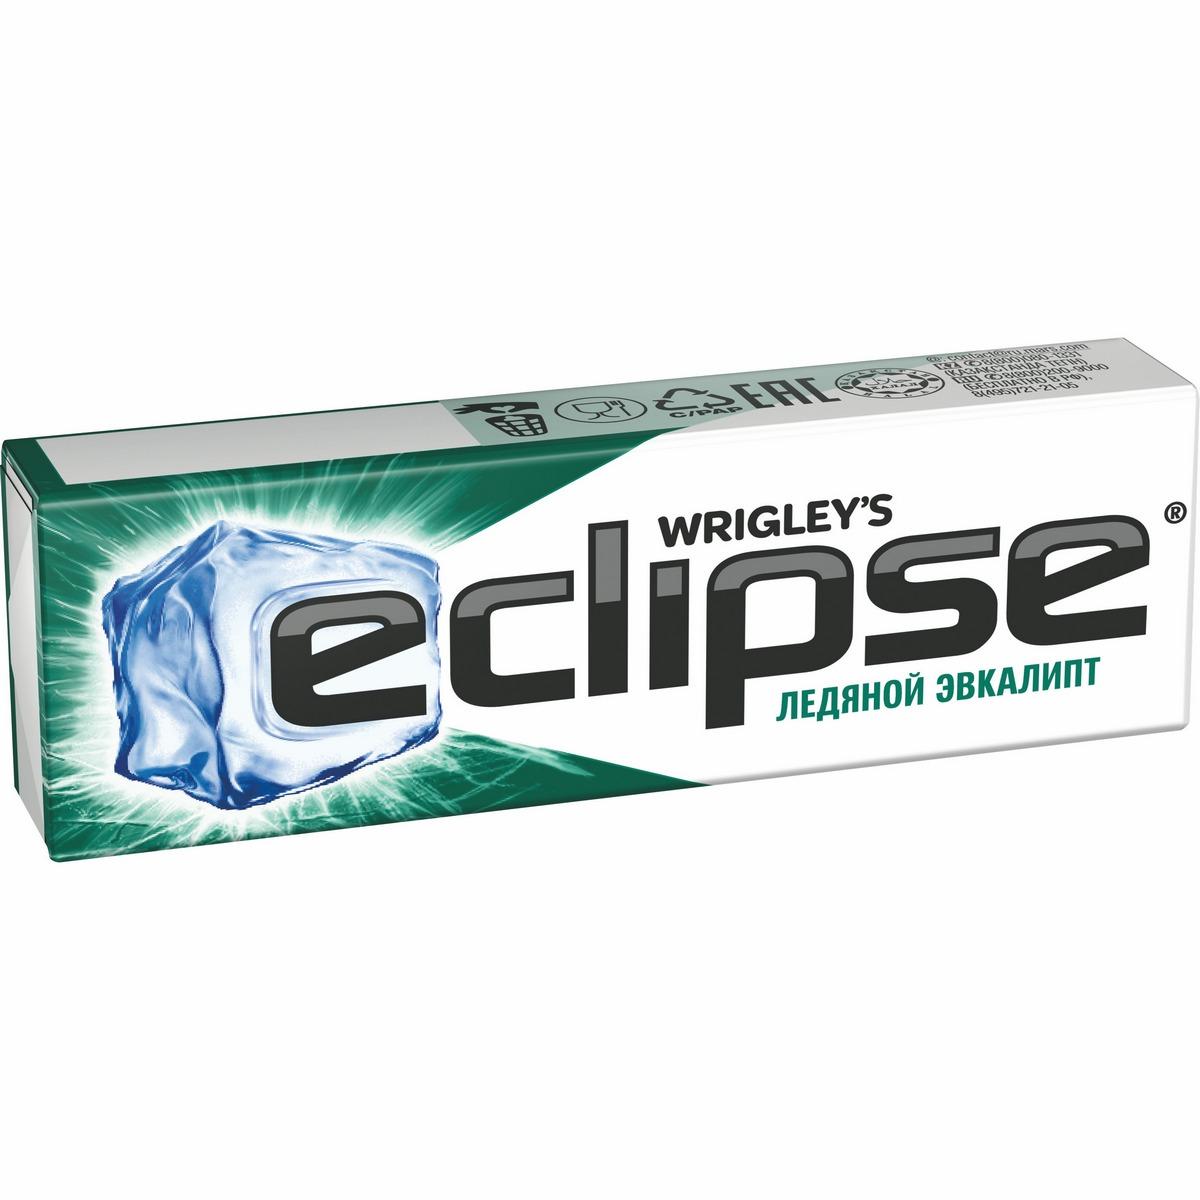 Жевательная резинка Ледяной Эвкалипт Eclipse